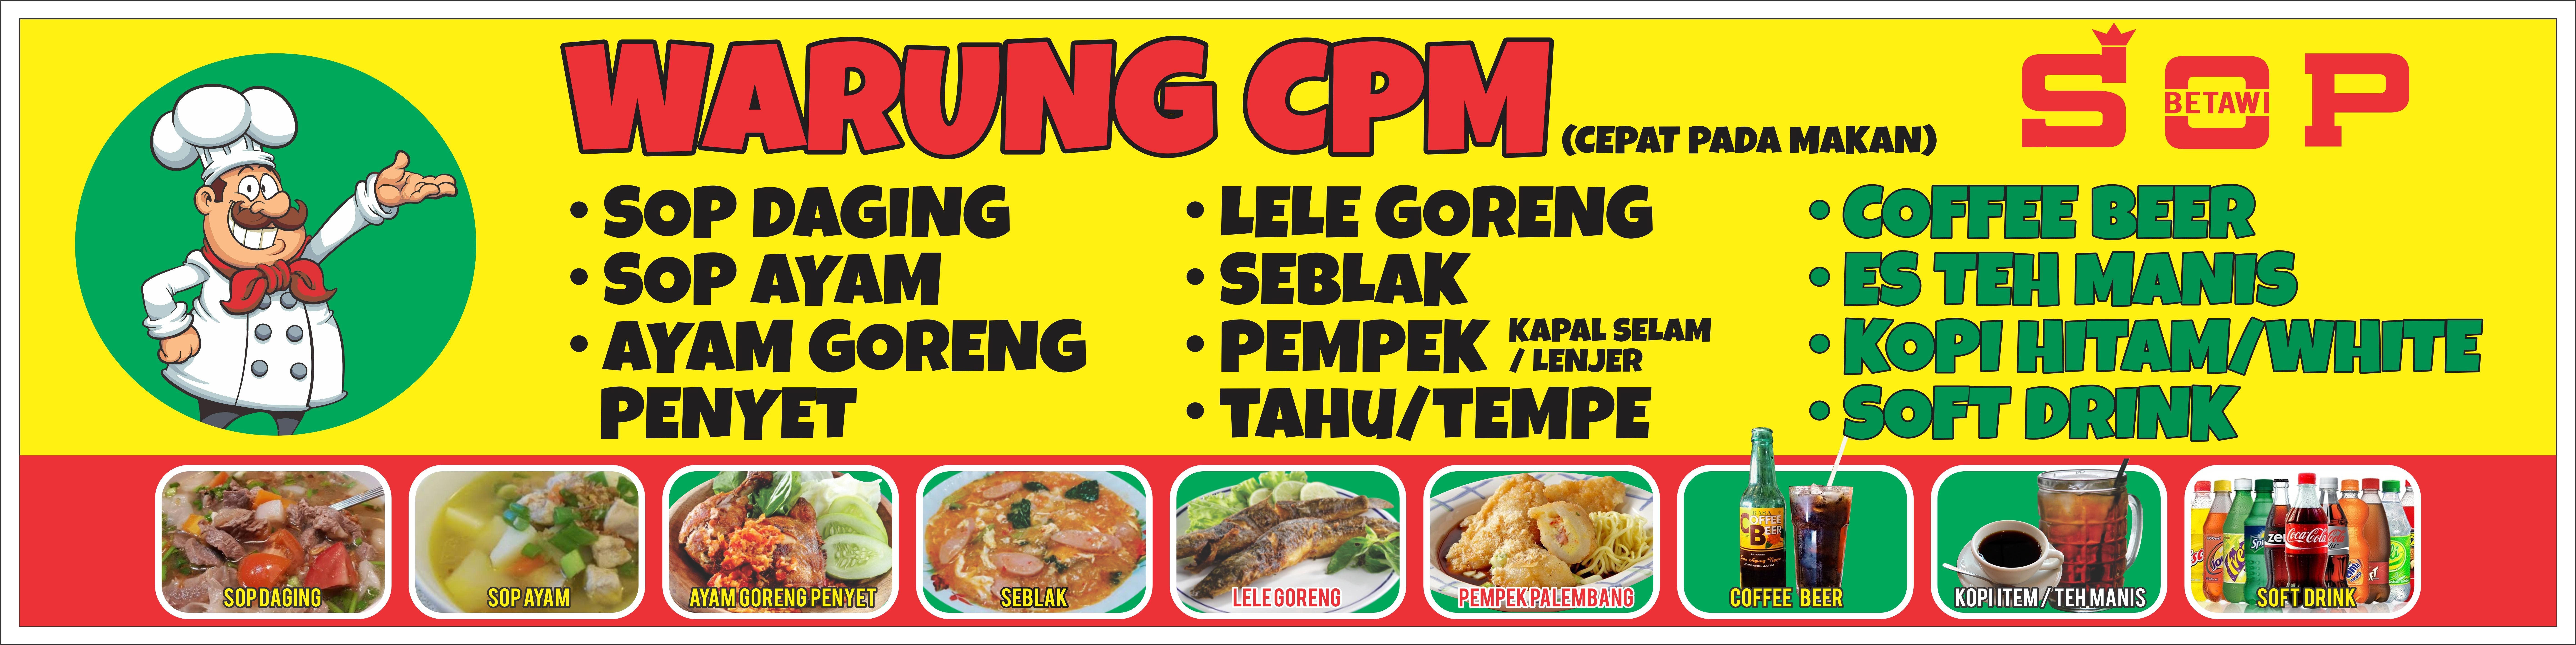 WARUNG CPM